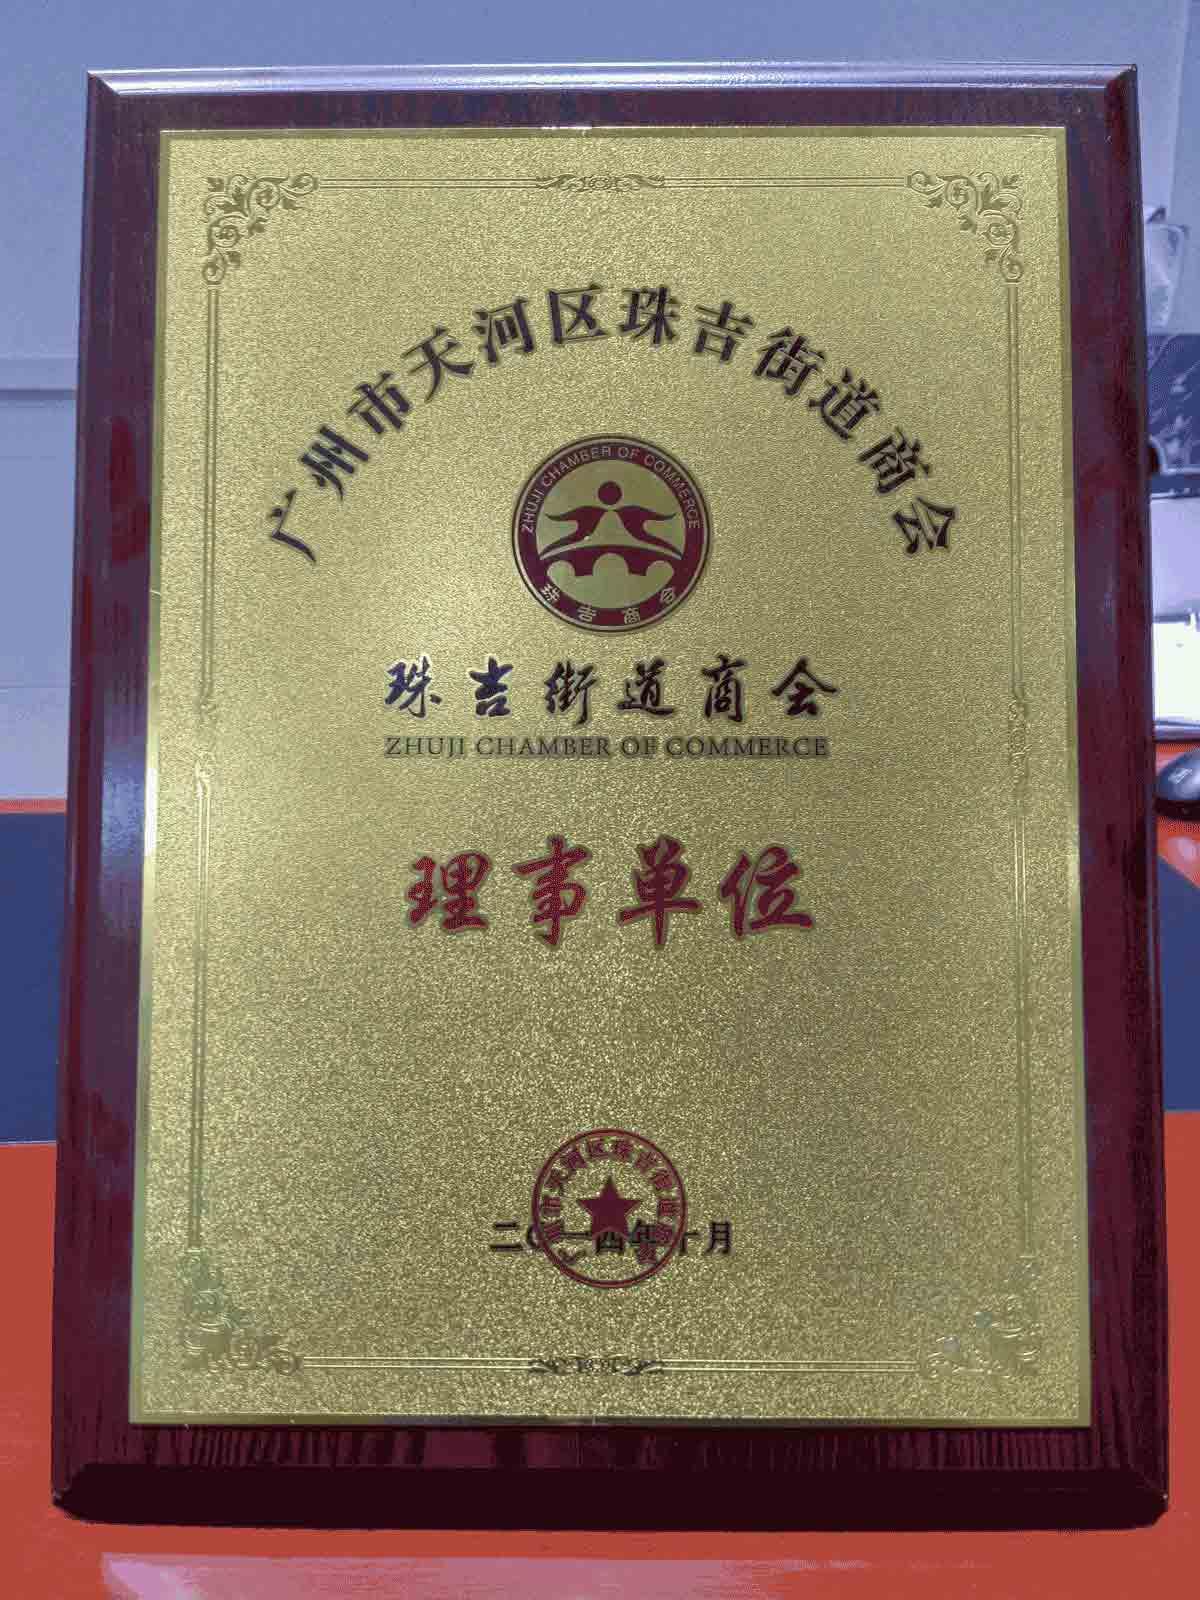 珠吉商会理事单位